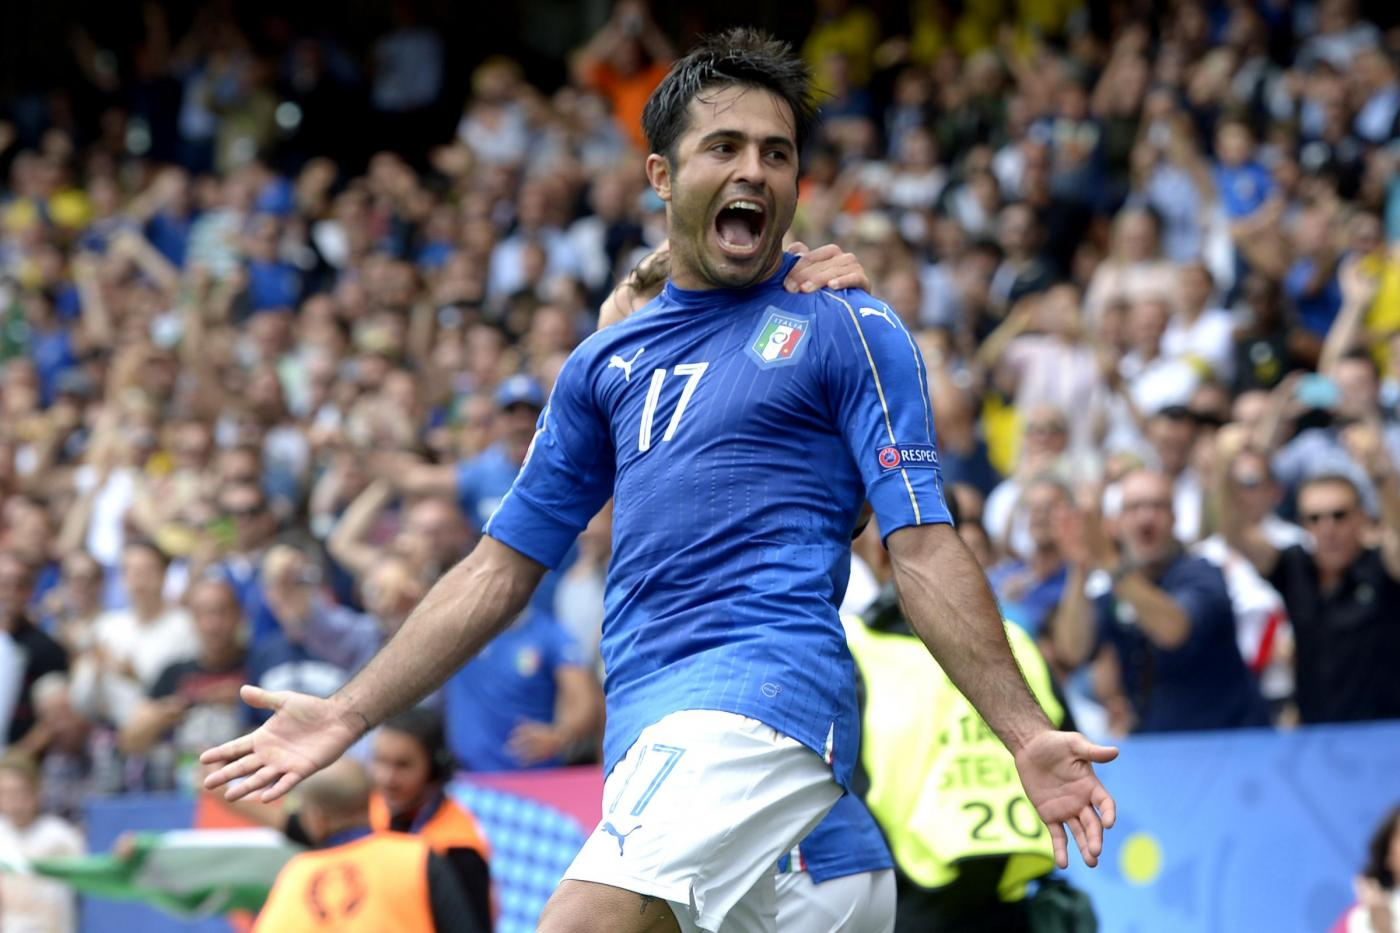 Italia-Svezia Euro 2016: Eder porta gli azzurri agli ottavi di finale